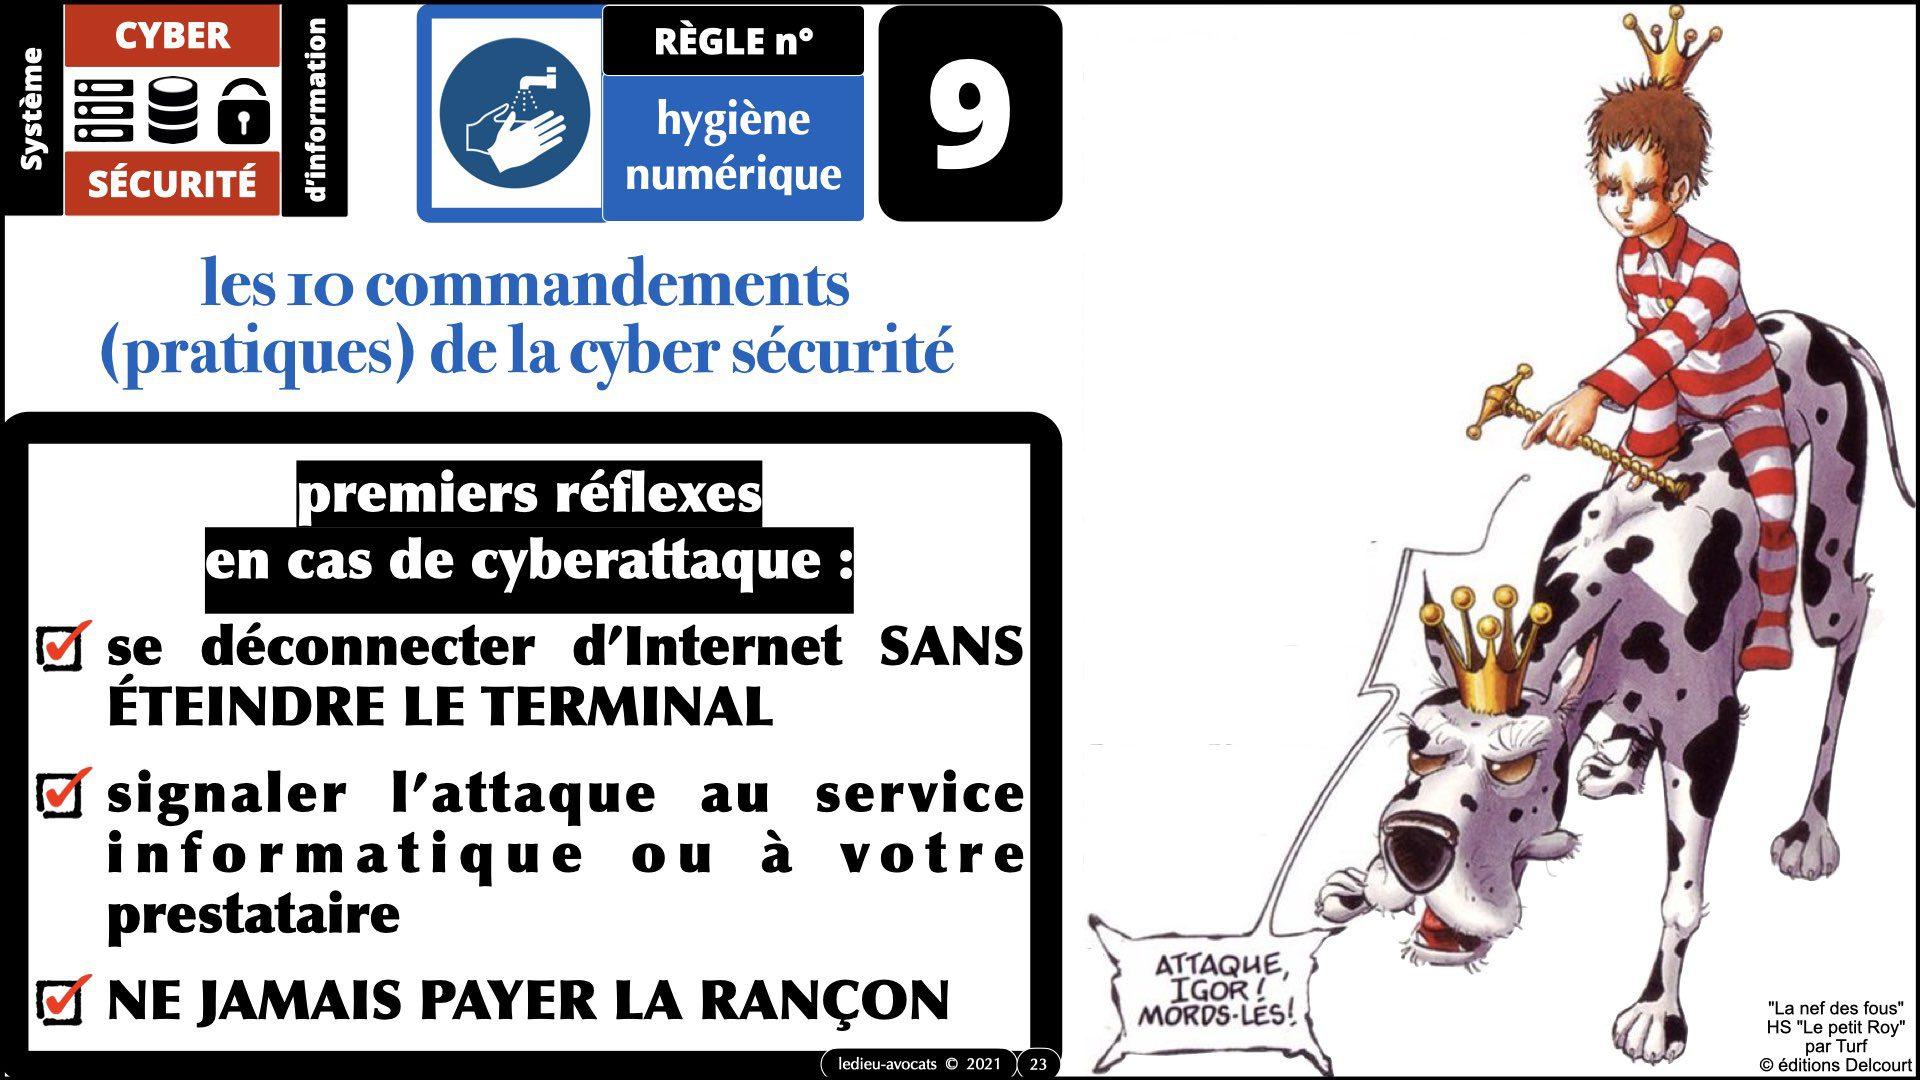 345 10 commandements hygiène numérique © Ledieu-Avocats technique droit numérique 07-09-2021.023